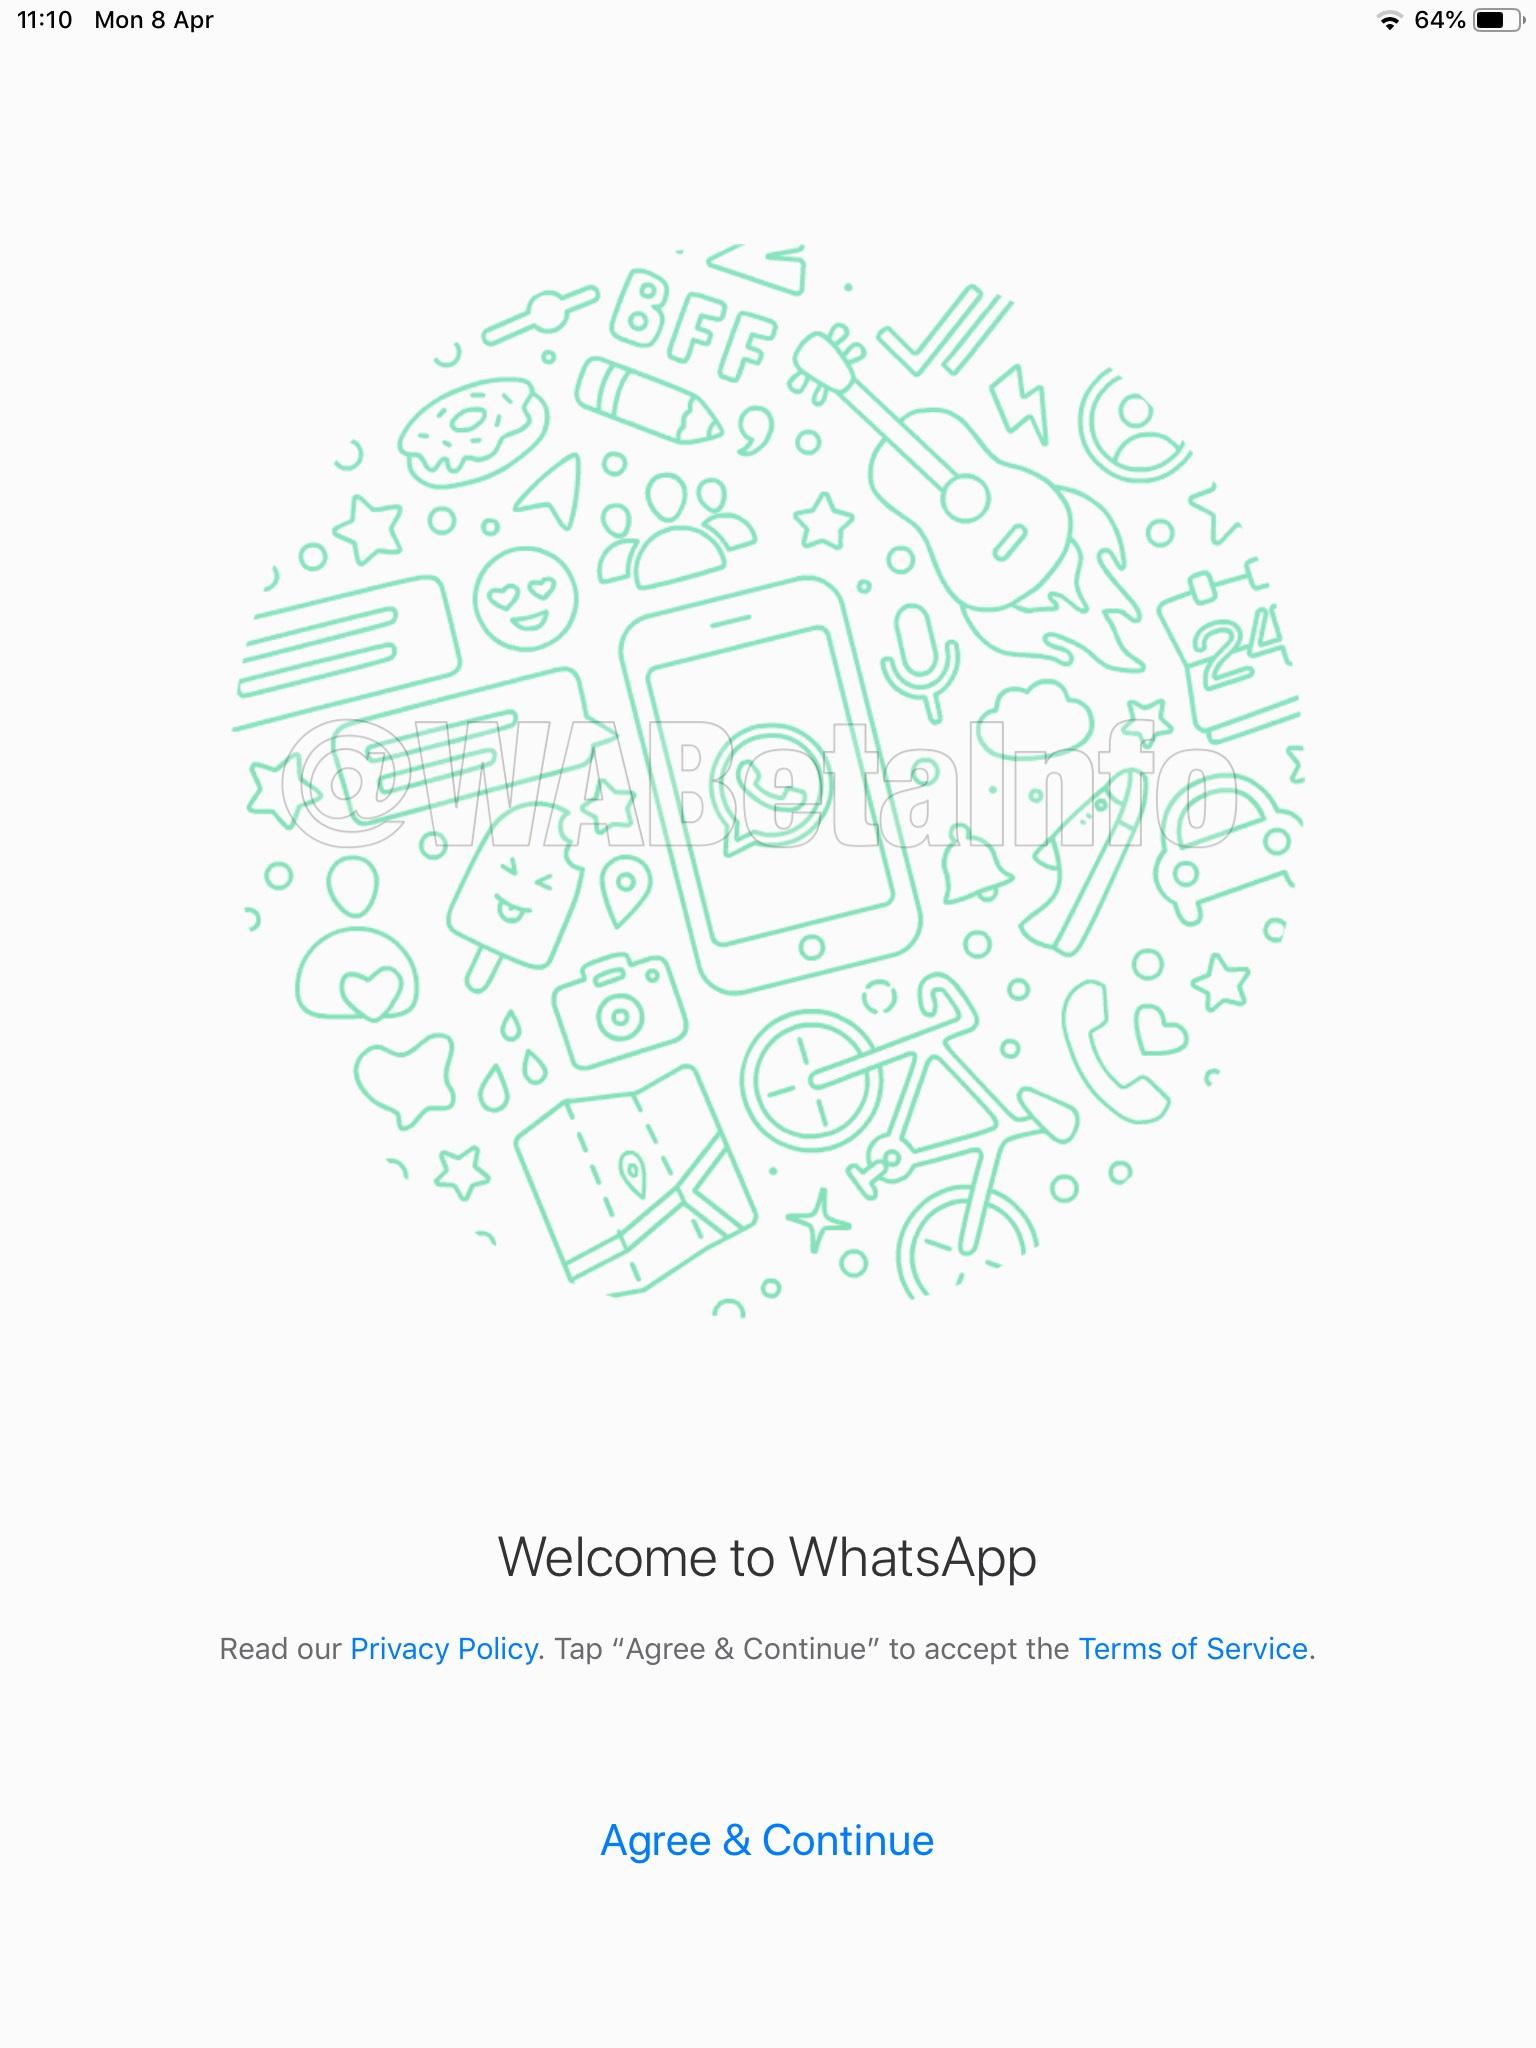 whatsapp ios ipad login